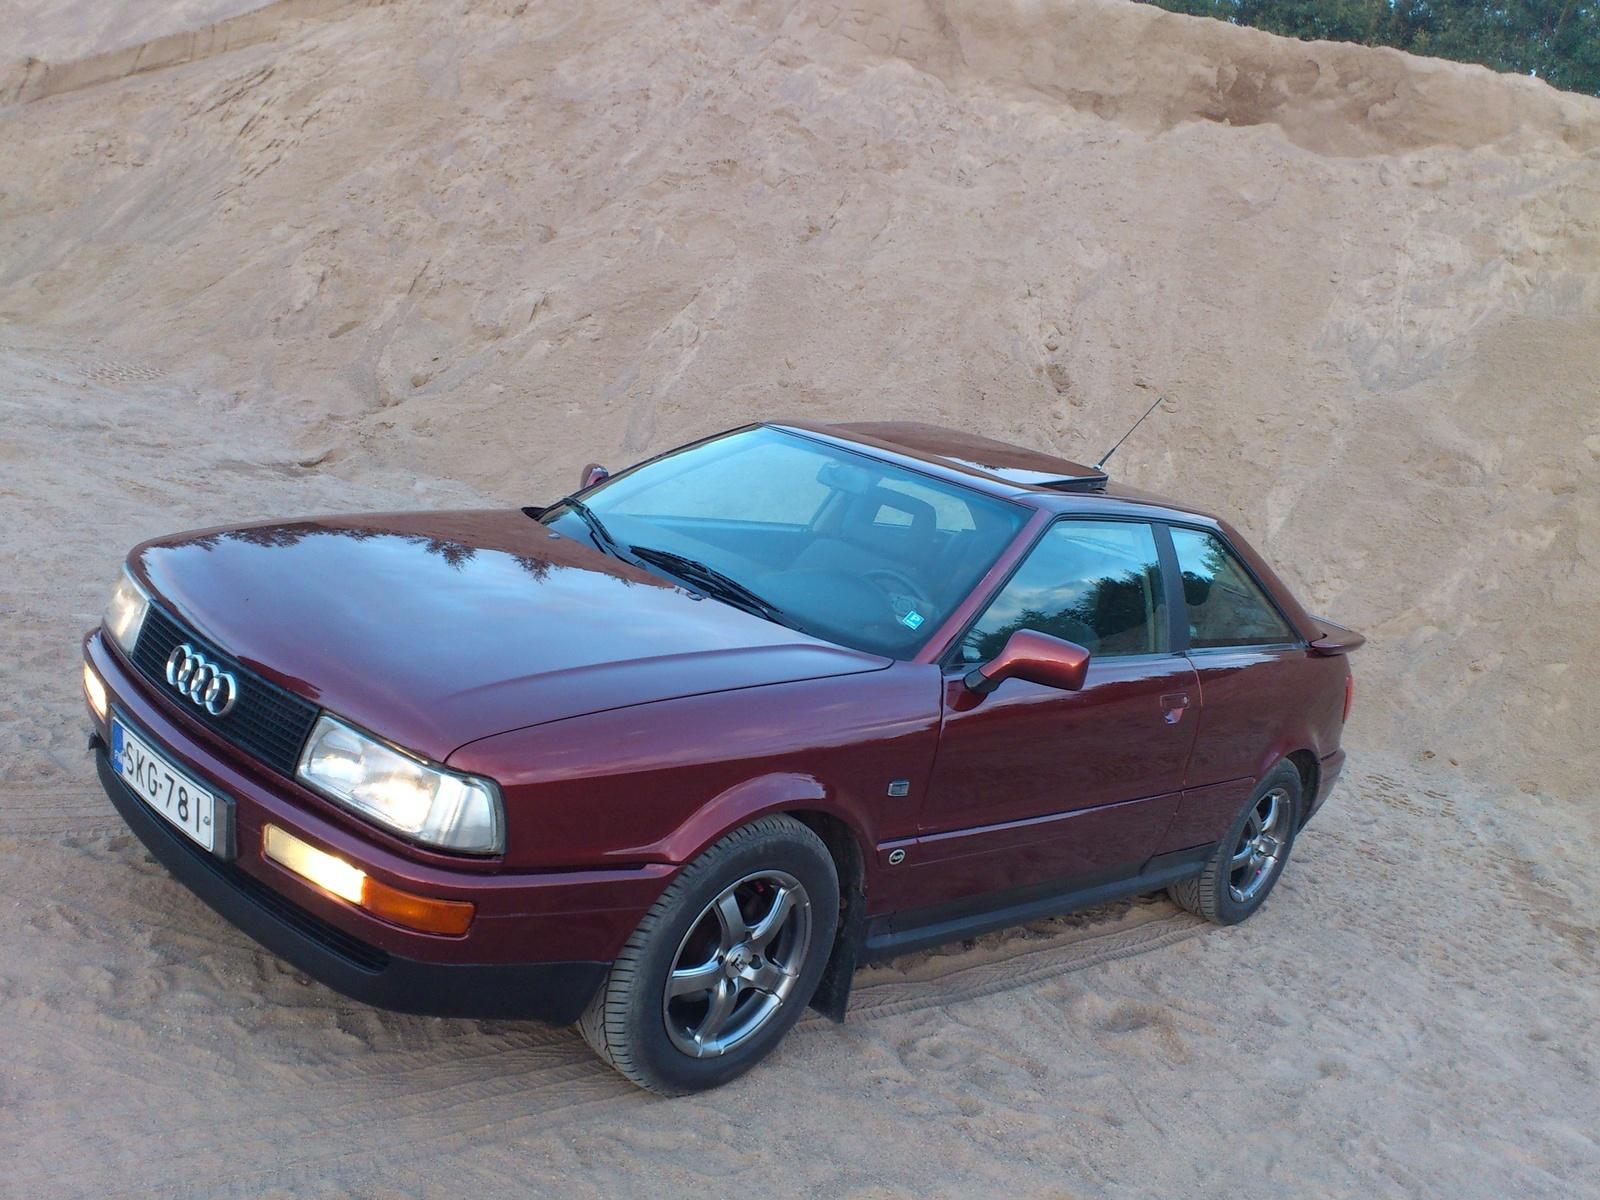 1991 Audi Quattro - Overview - CarGurus